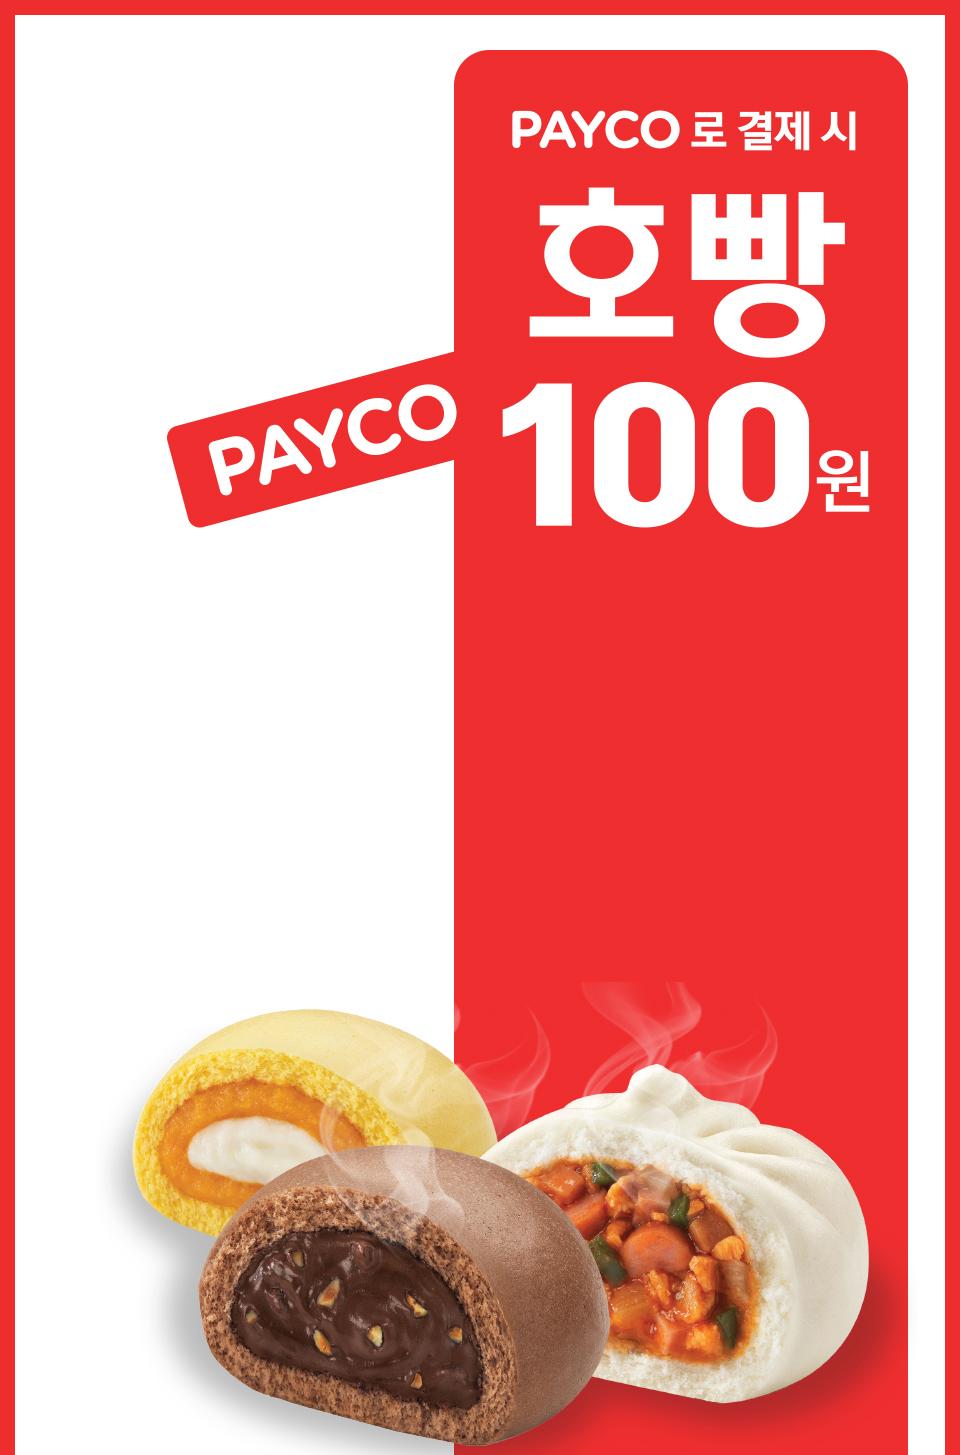 PAYCO로 결제시 호빵 100원 *1인당 최대 월3개(4,500원) 한정/11월 페이코 포인트로 캐시백